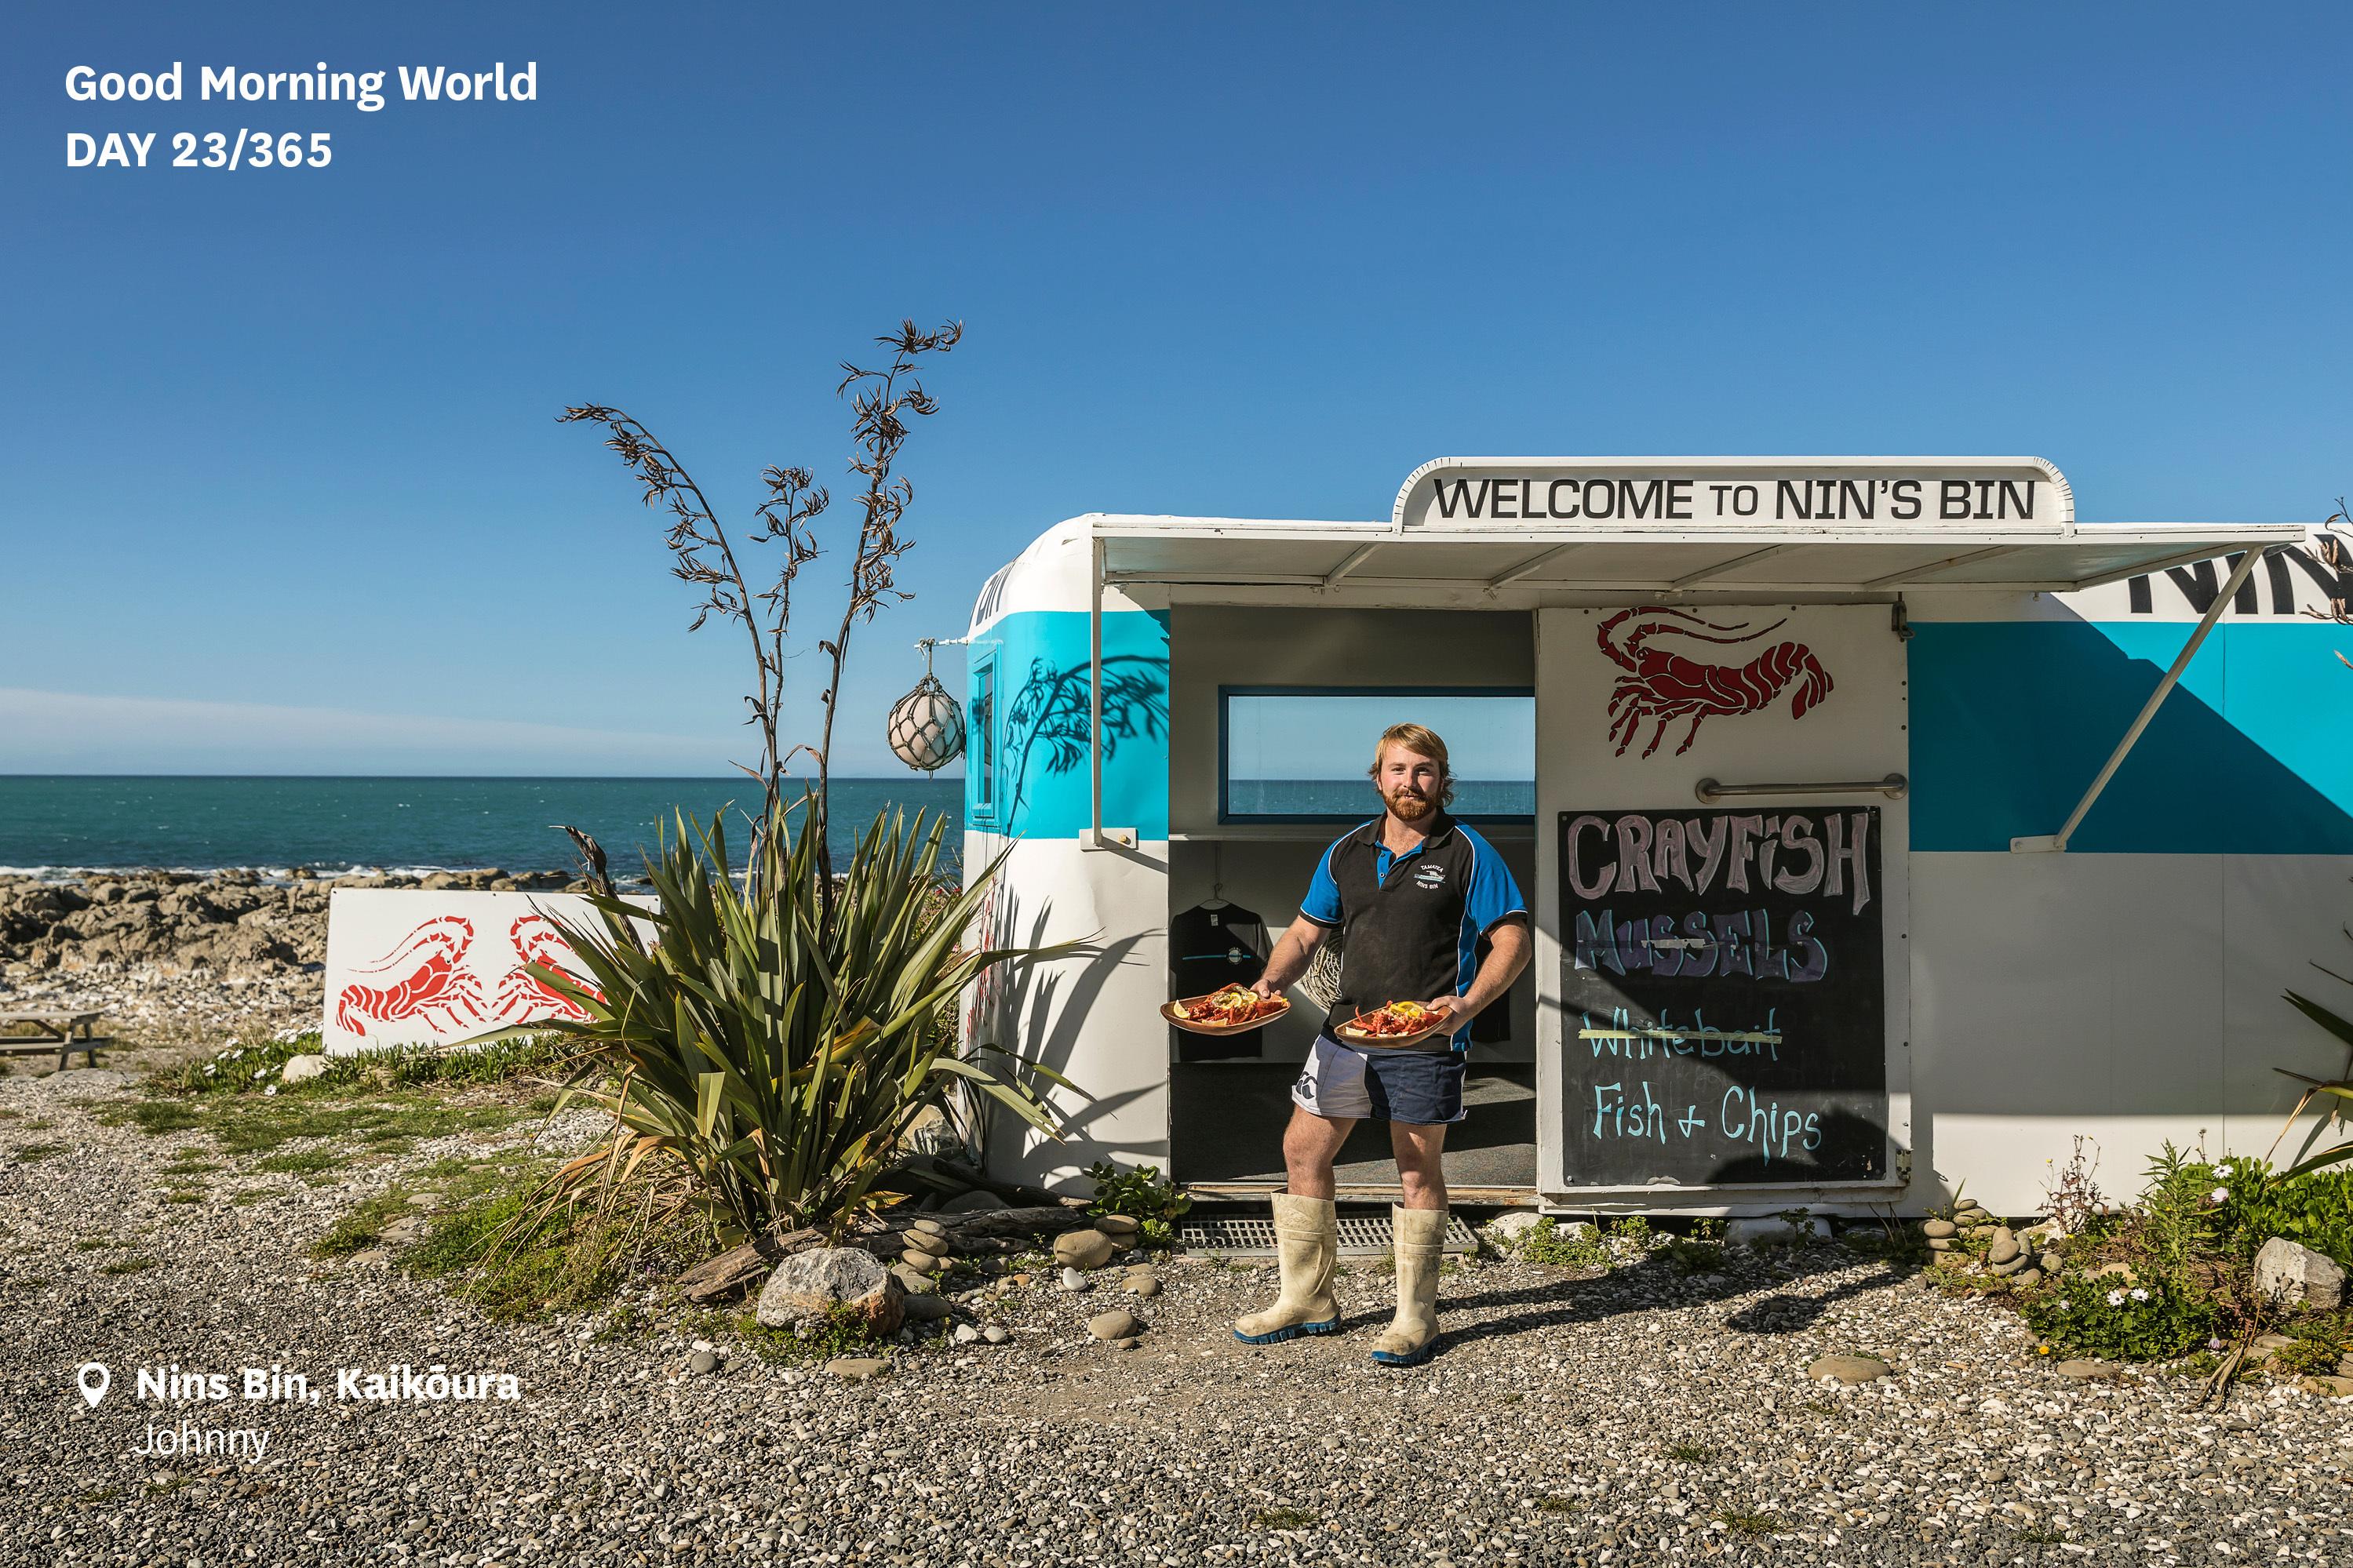 Tourism New Zealand GMW11